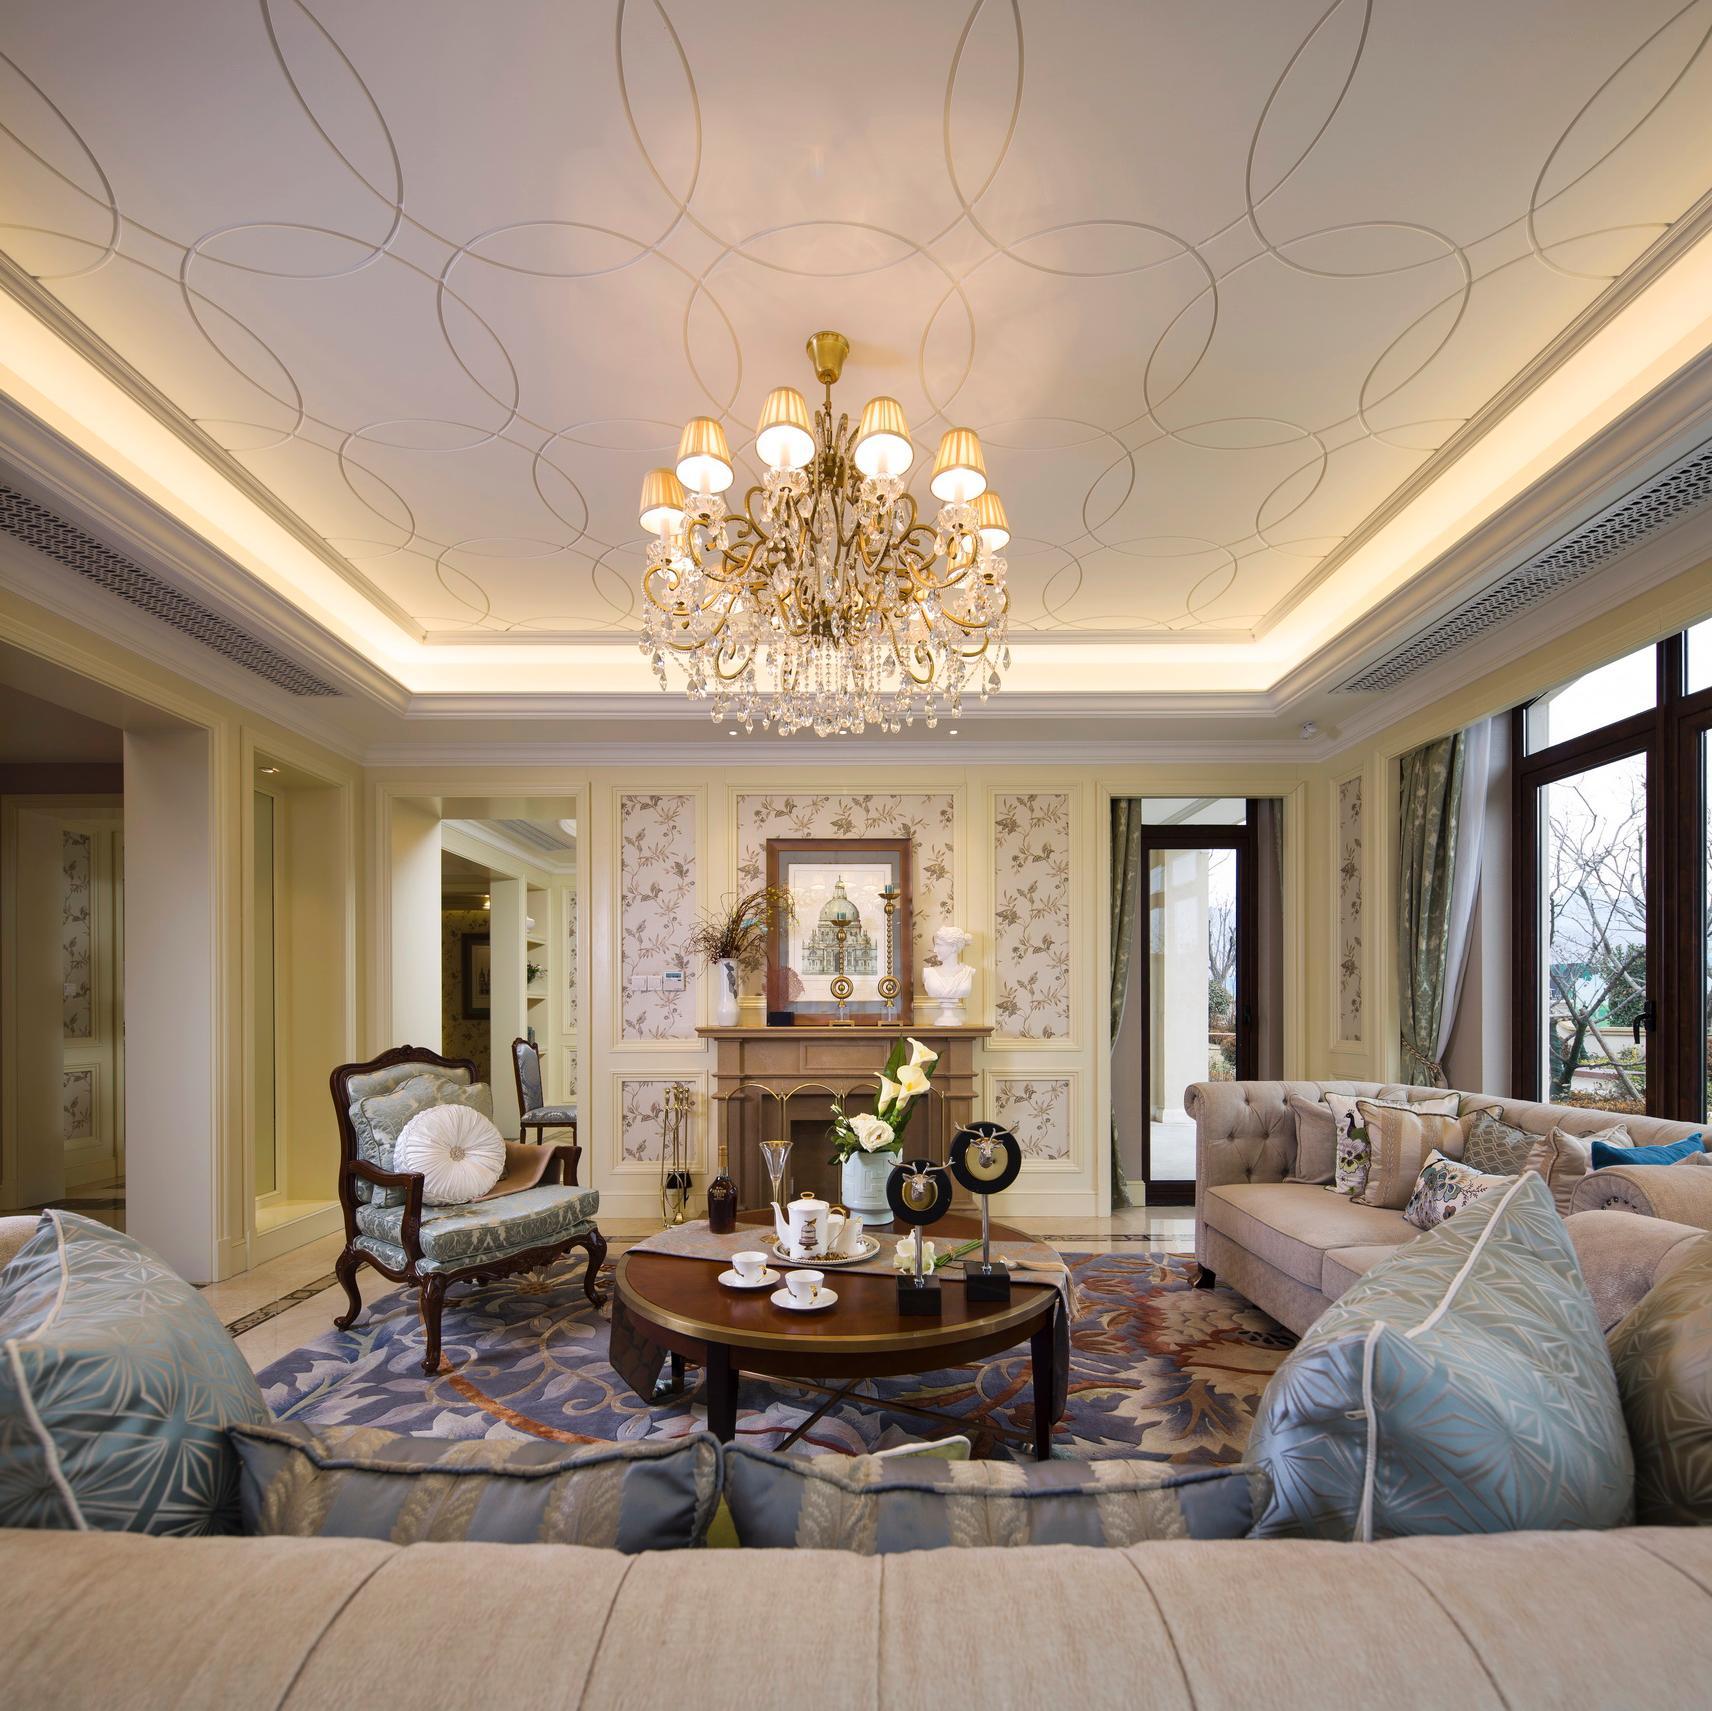 法式别墅装修设计效果图